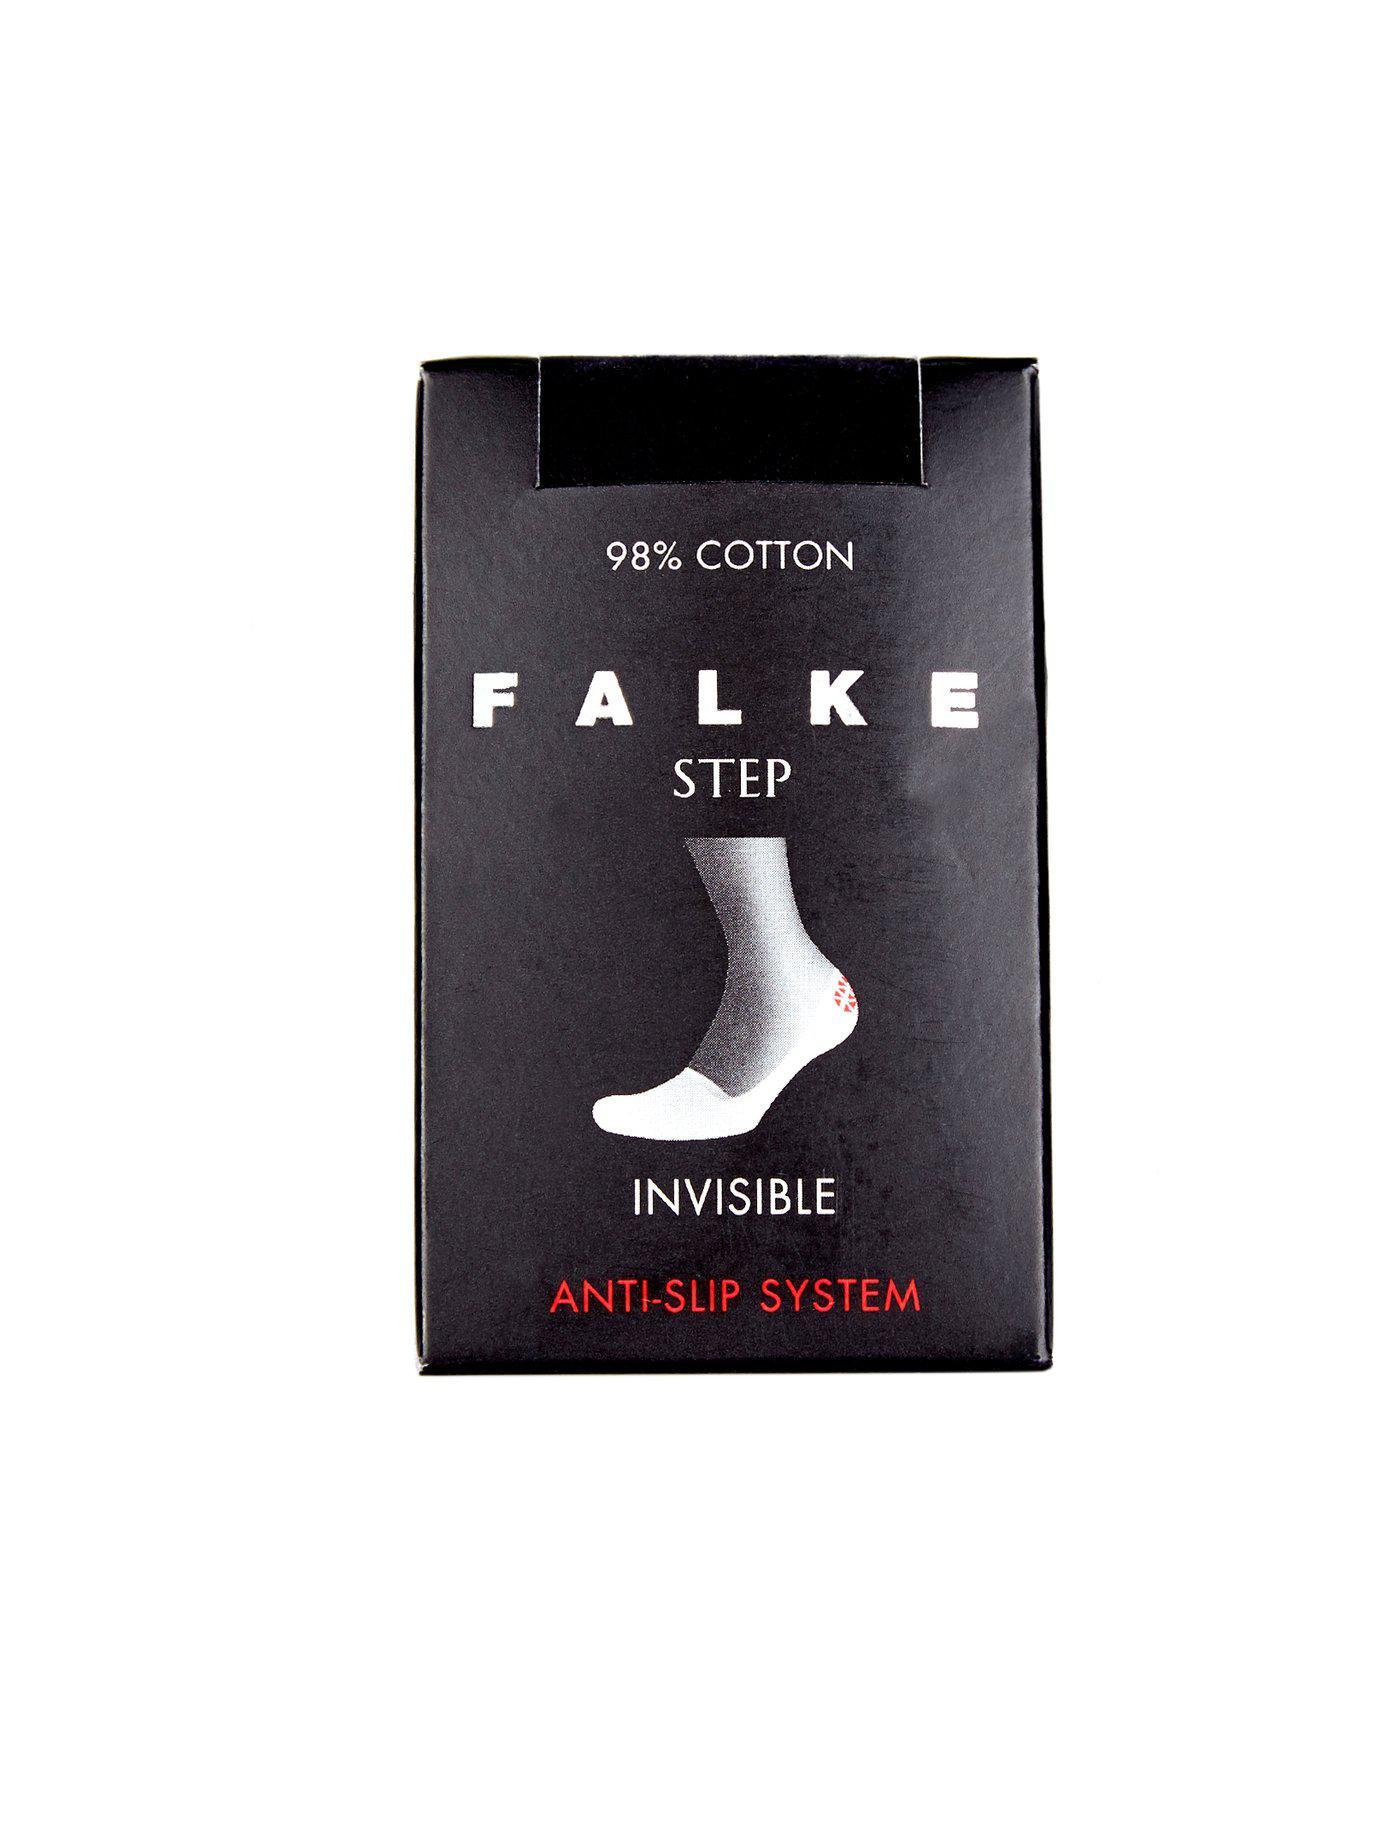 b5296eae3 Lyst - Falke Step Cotton Blend Liner Socks in Black for Men